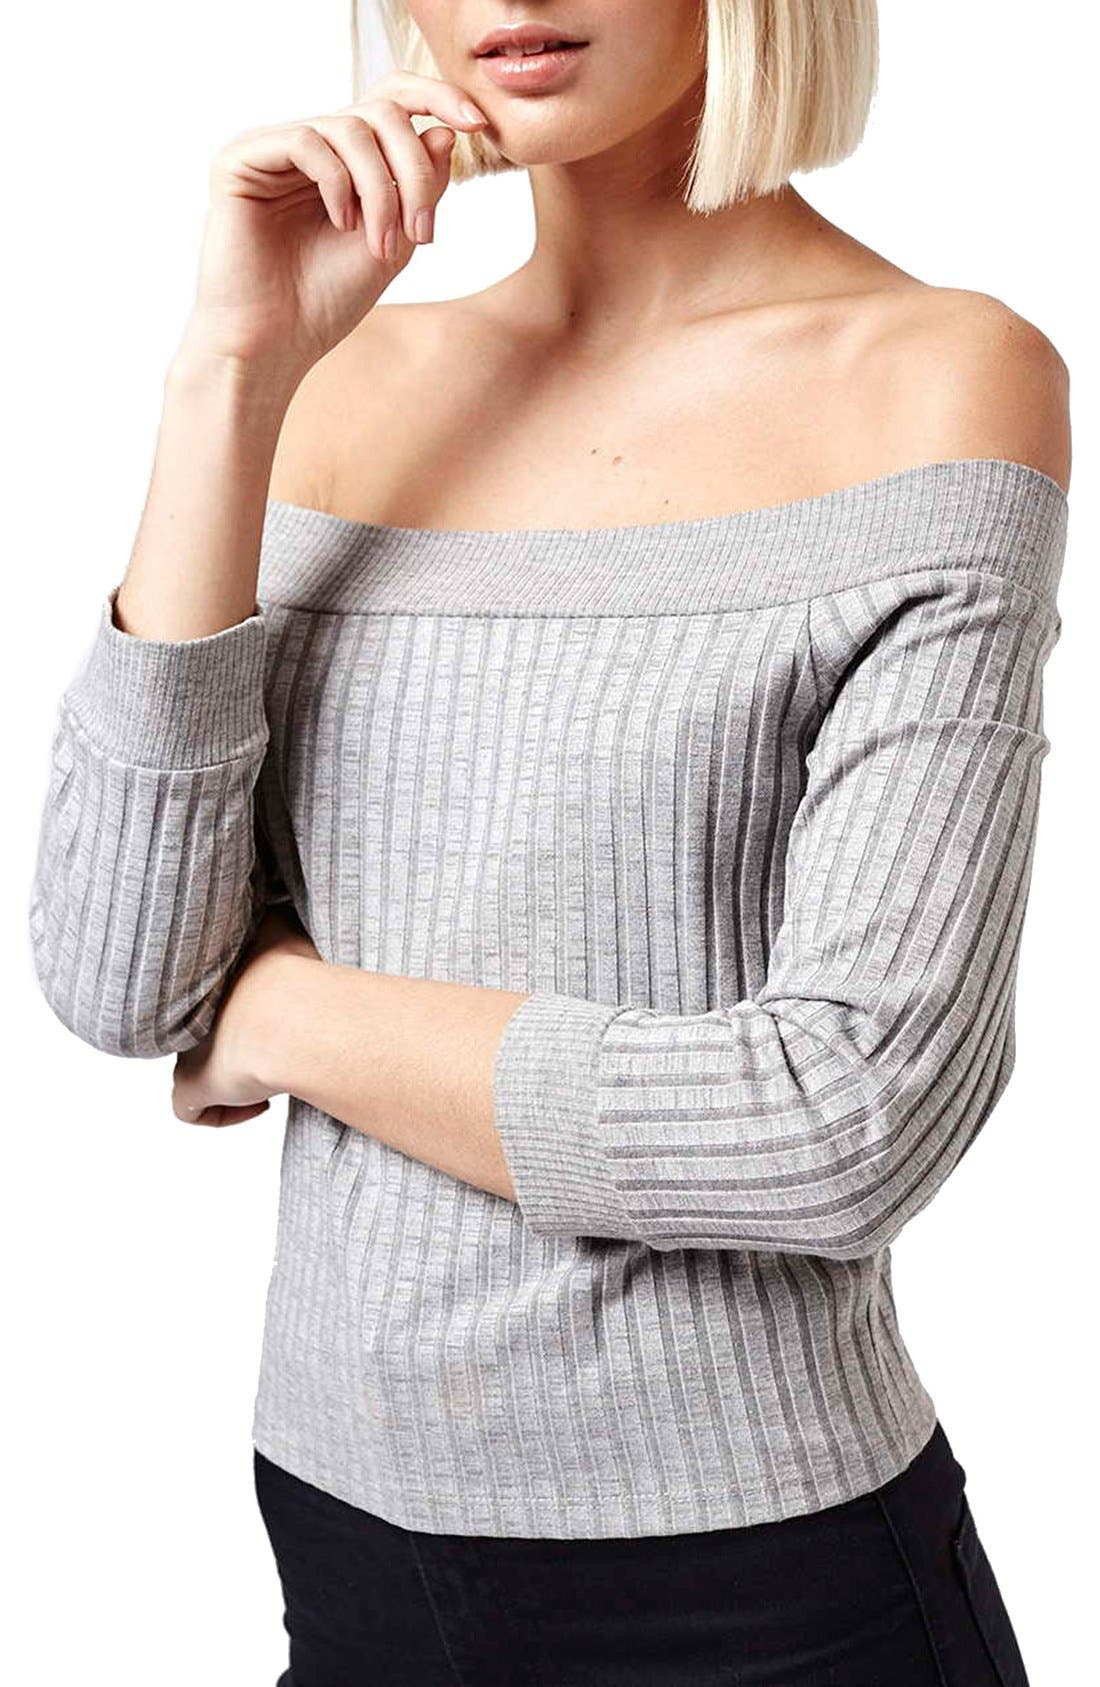 Alternate Image 1 Selected - Topshop 'Bardot' Off the Shoulder Top